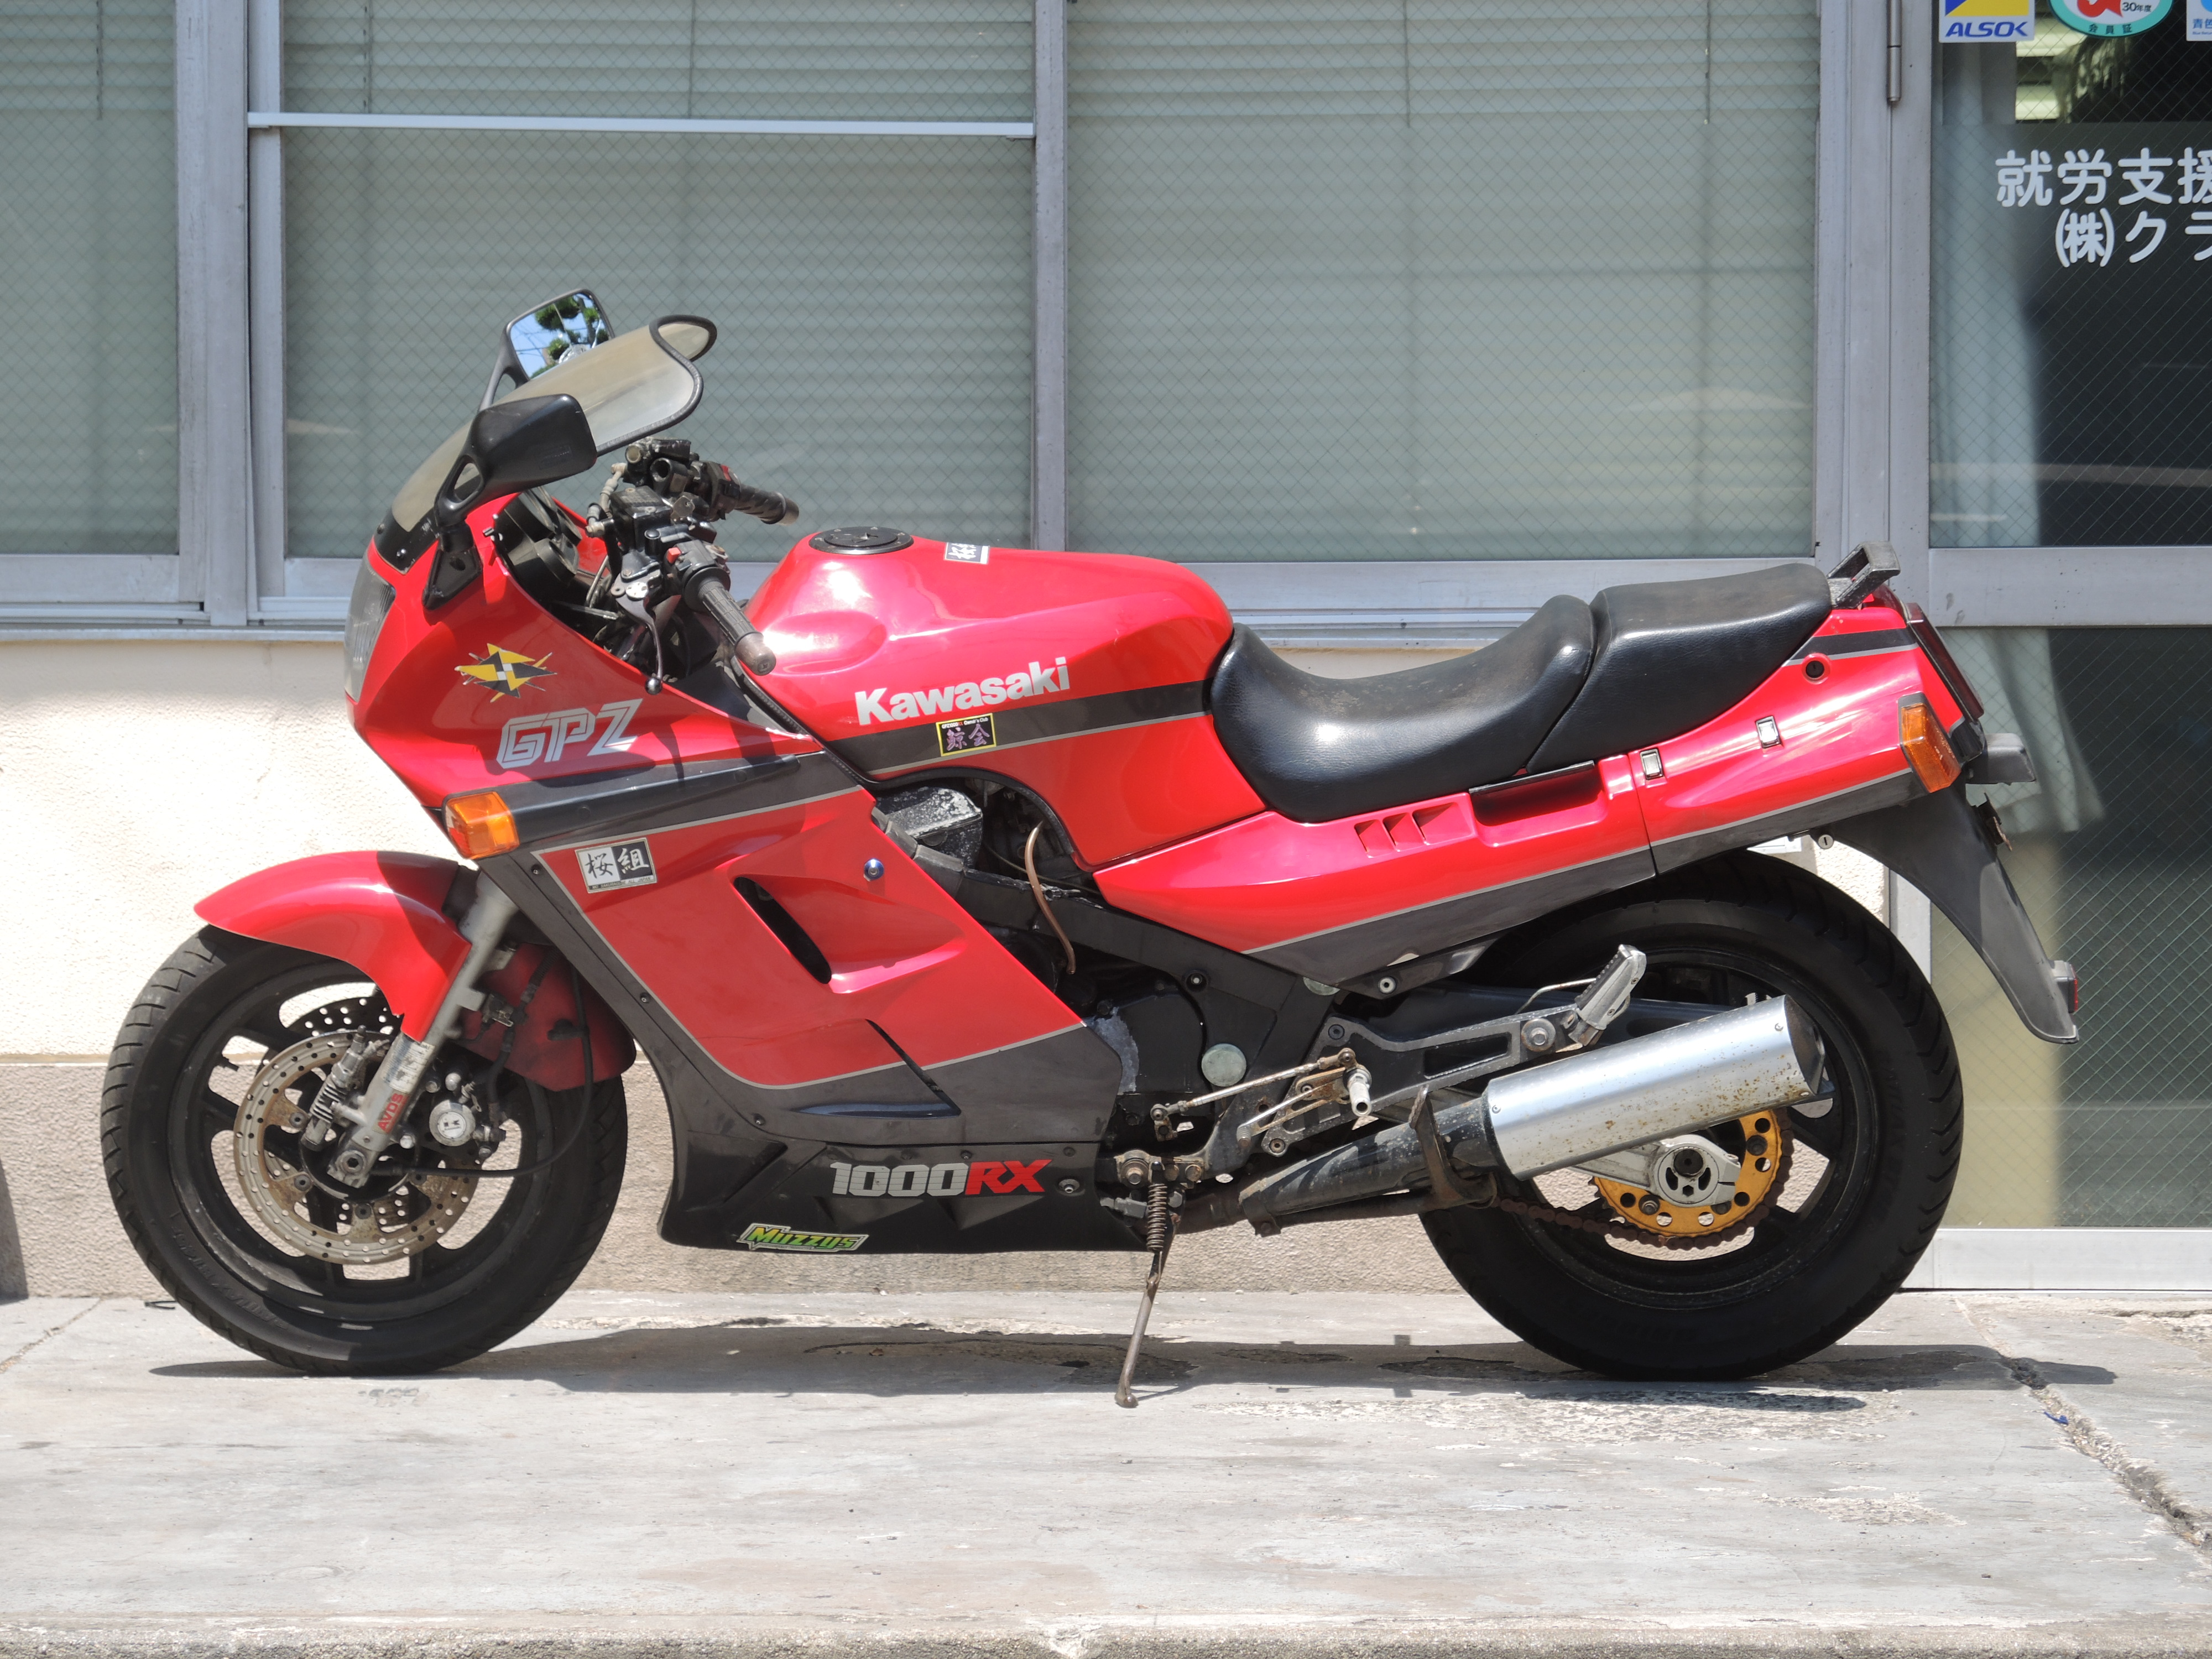 GPZ1000RX